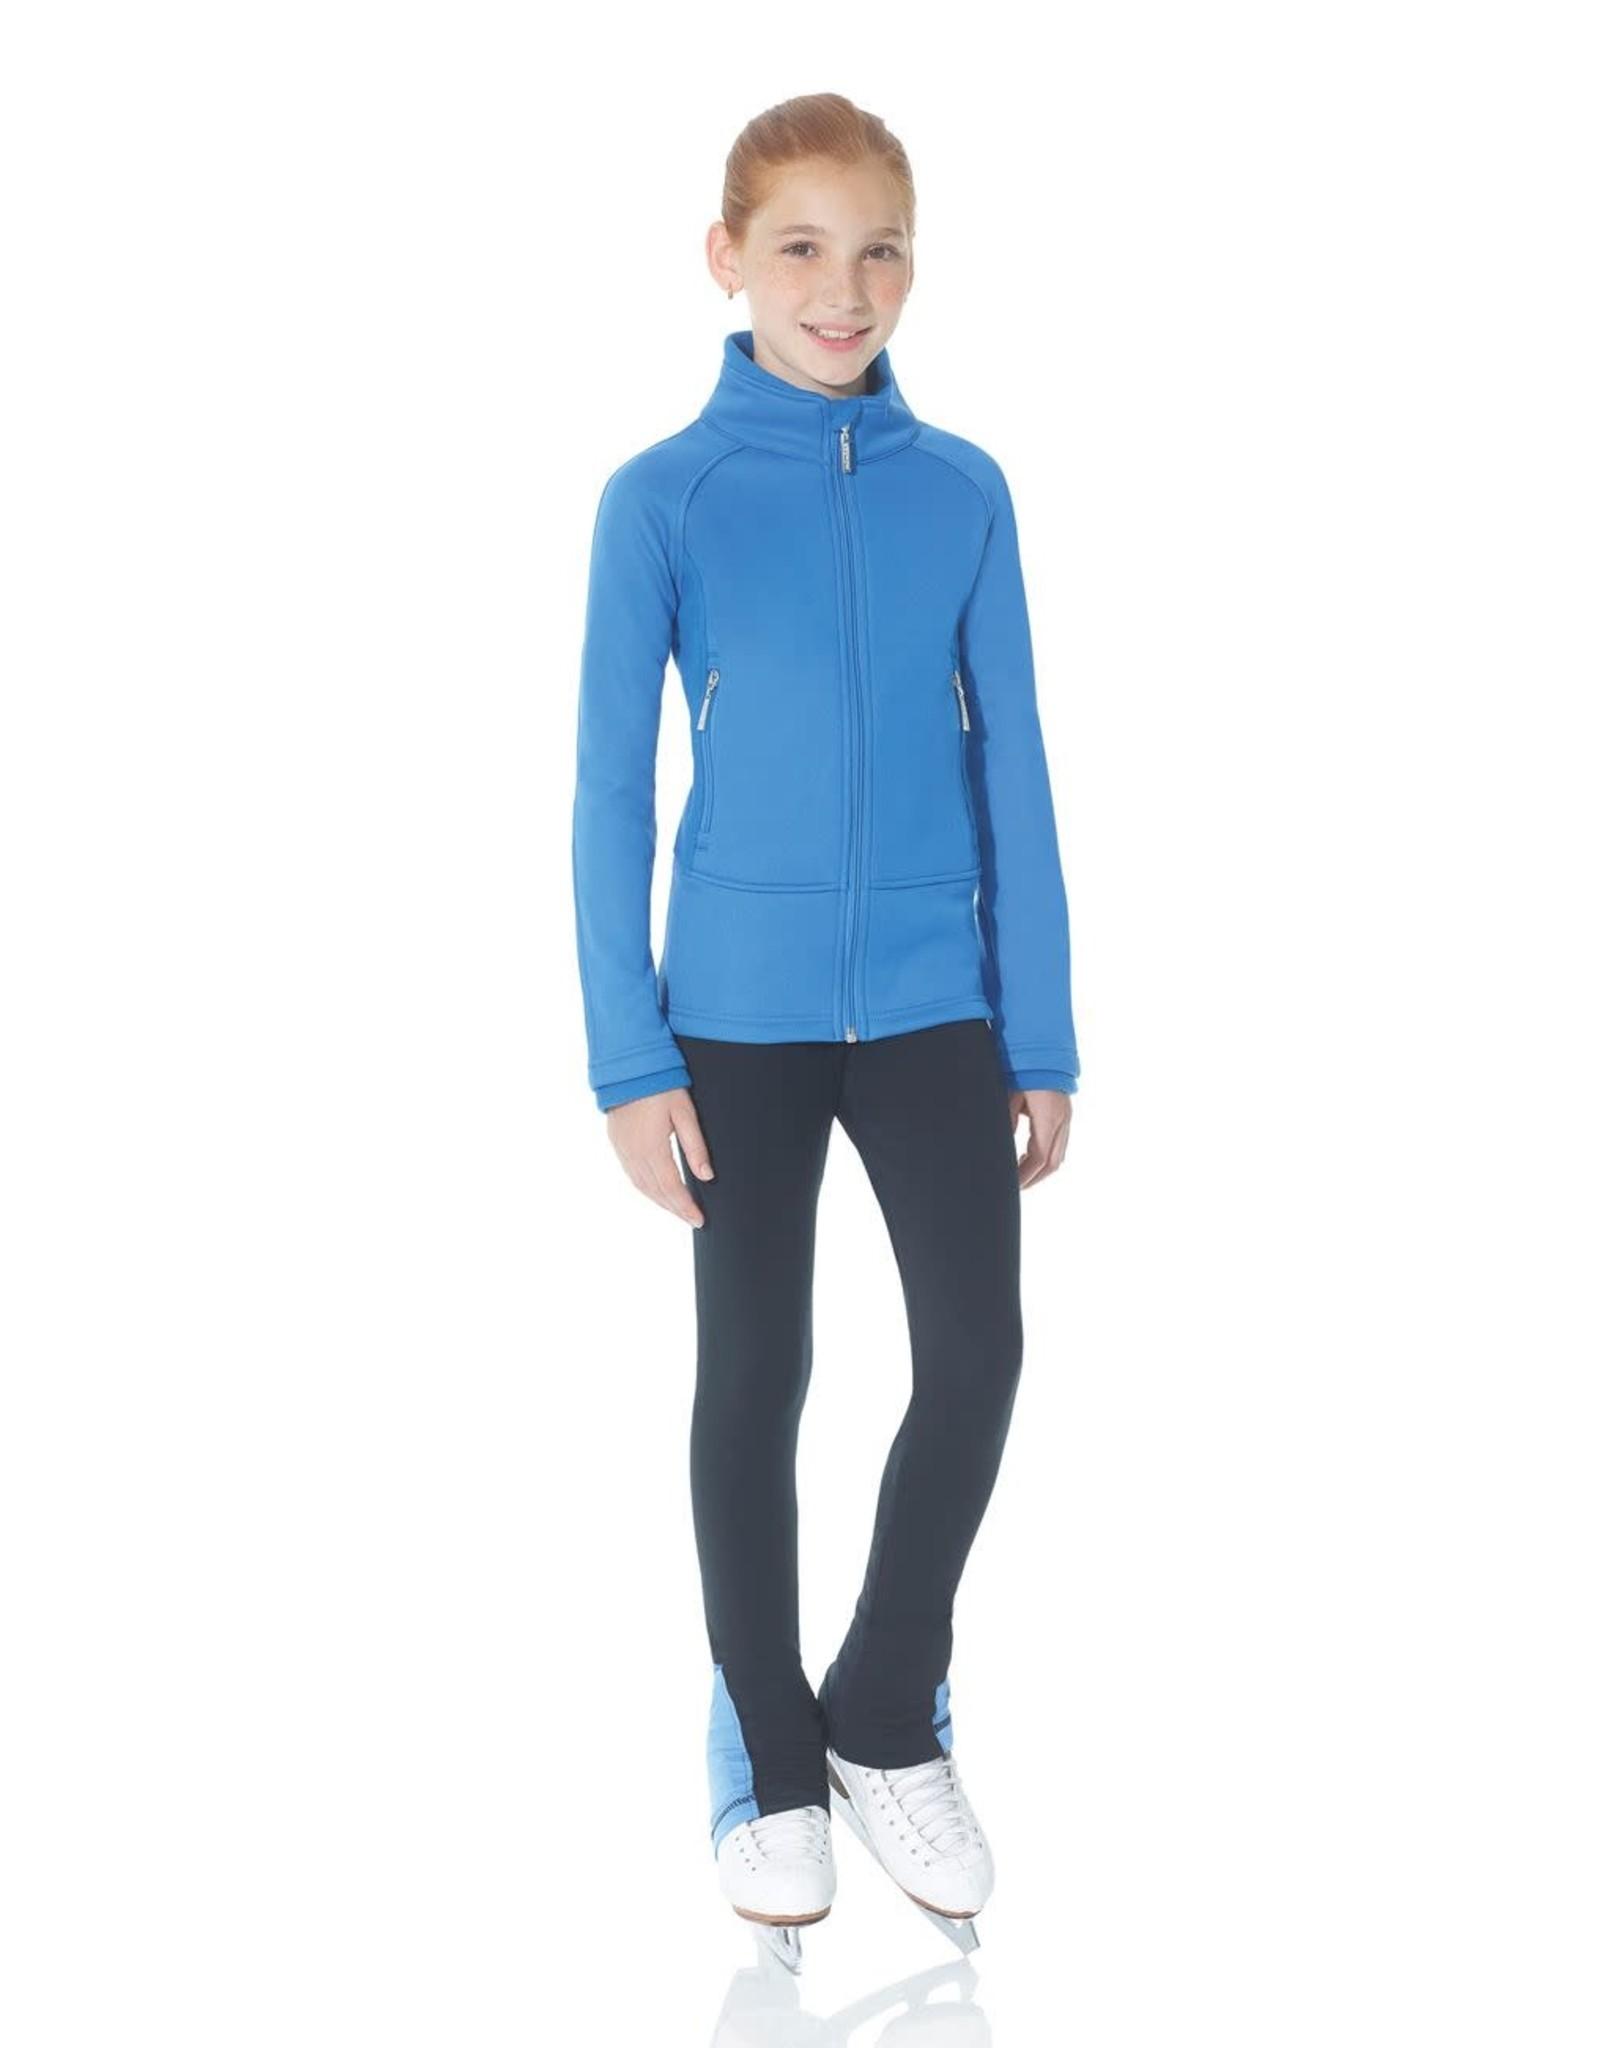 Mondor Kids Jacket 4730